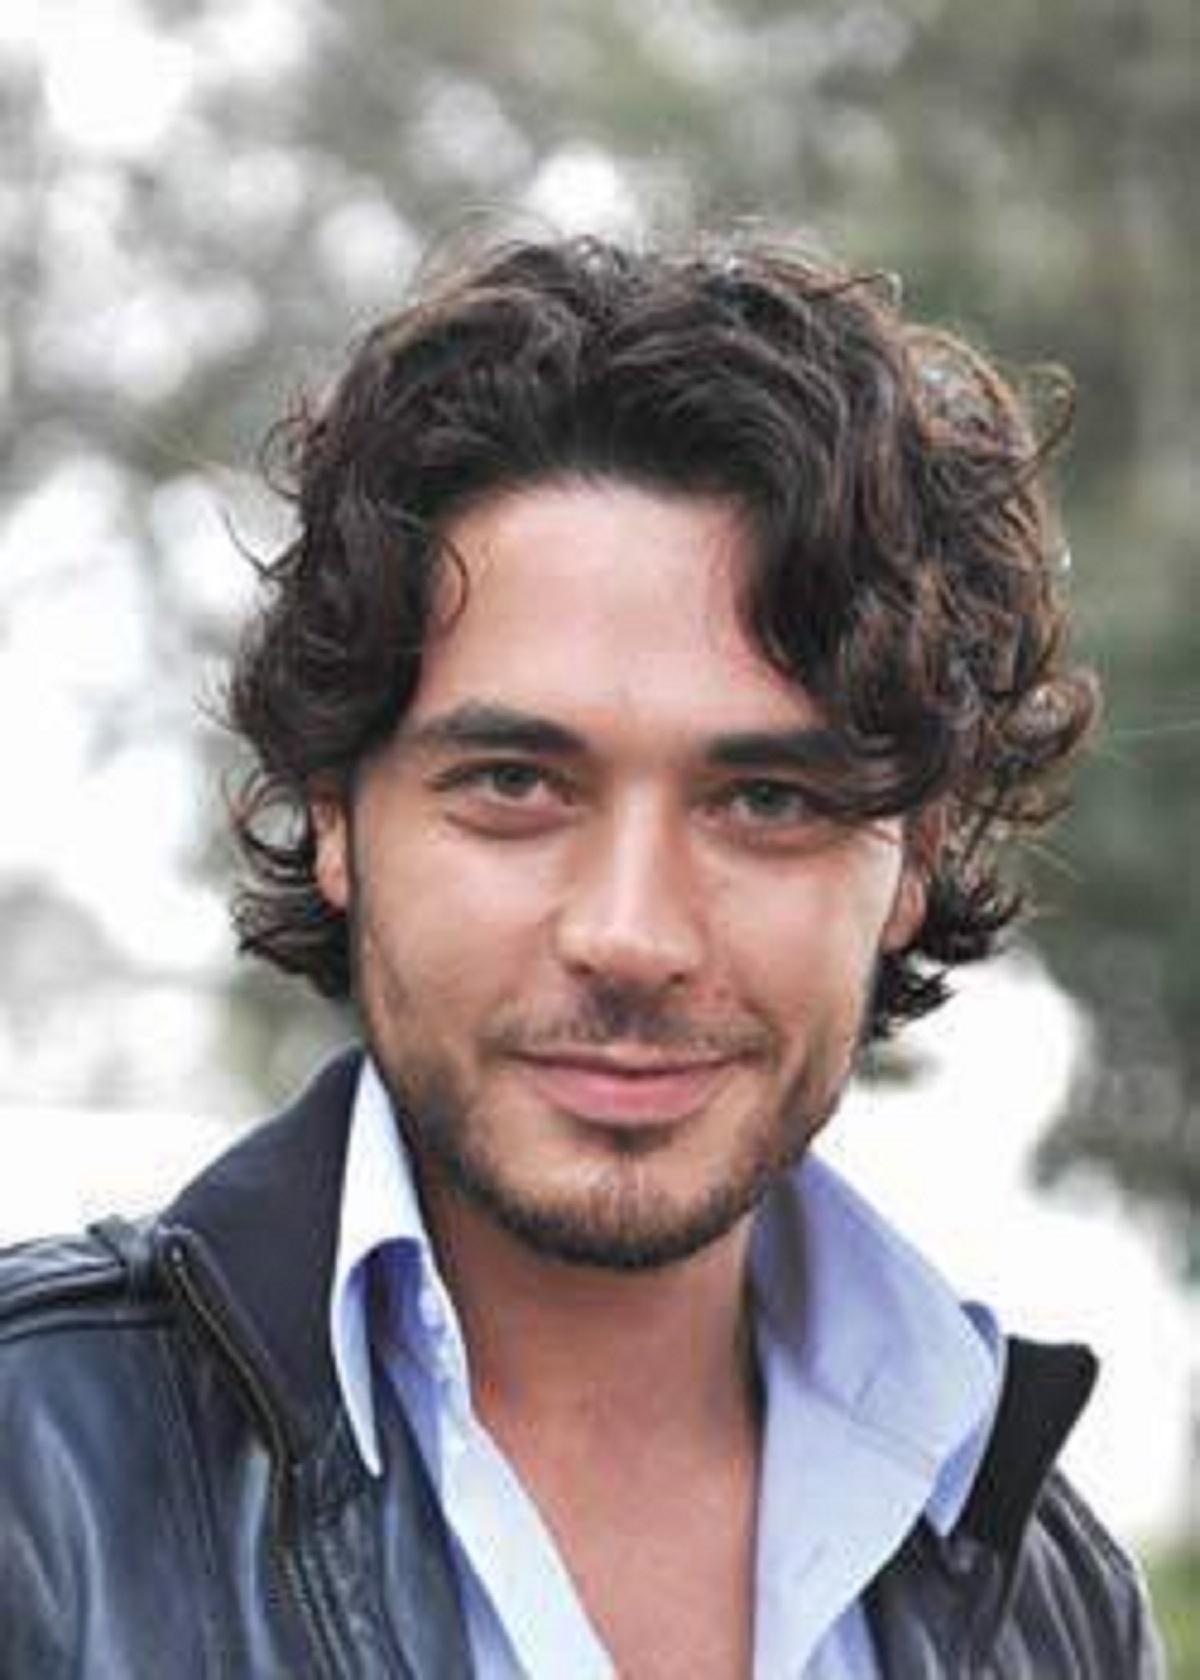 Daniele Santoianni